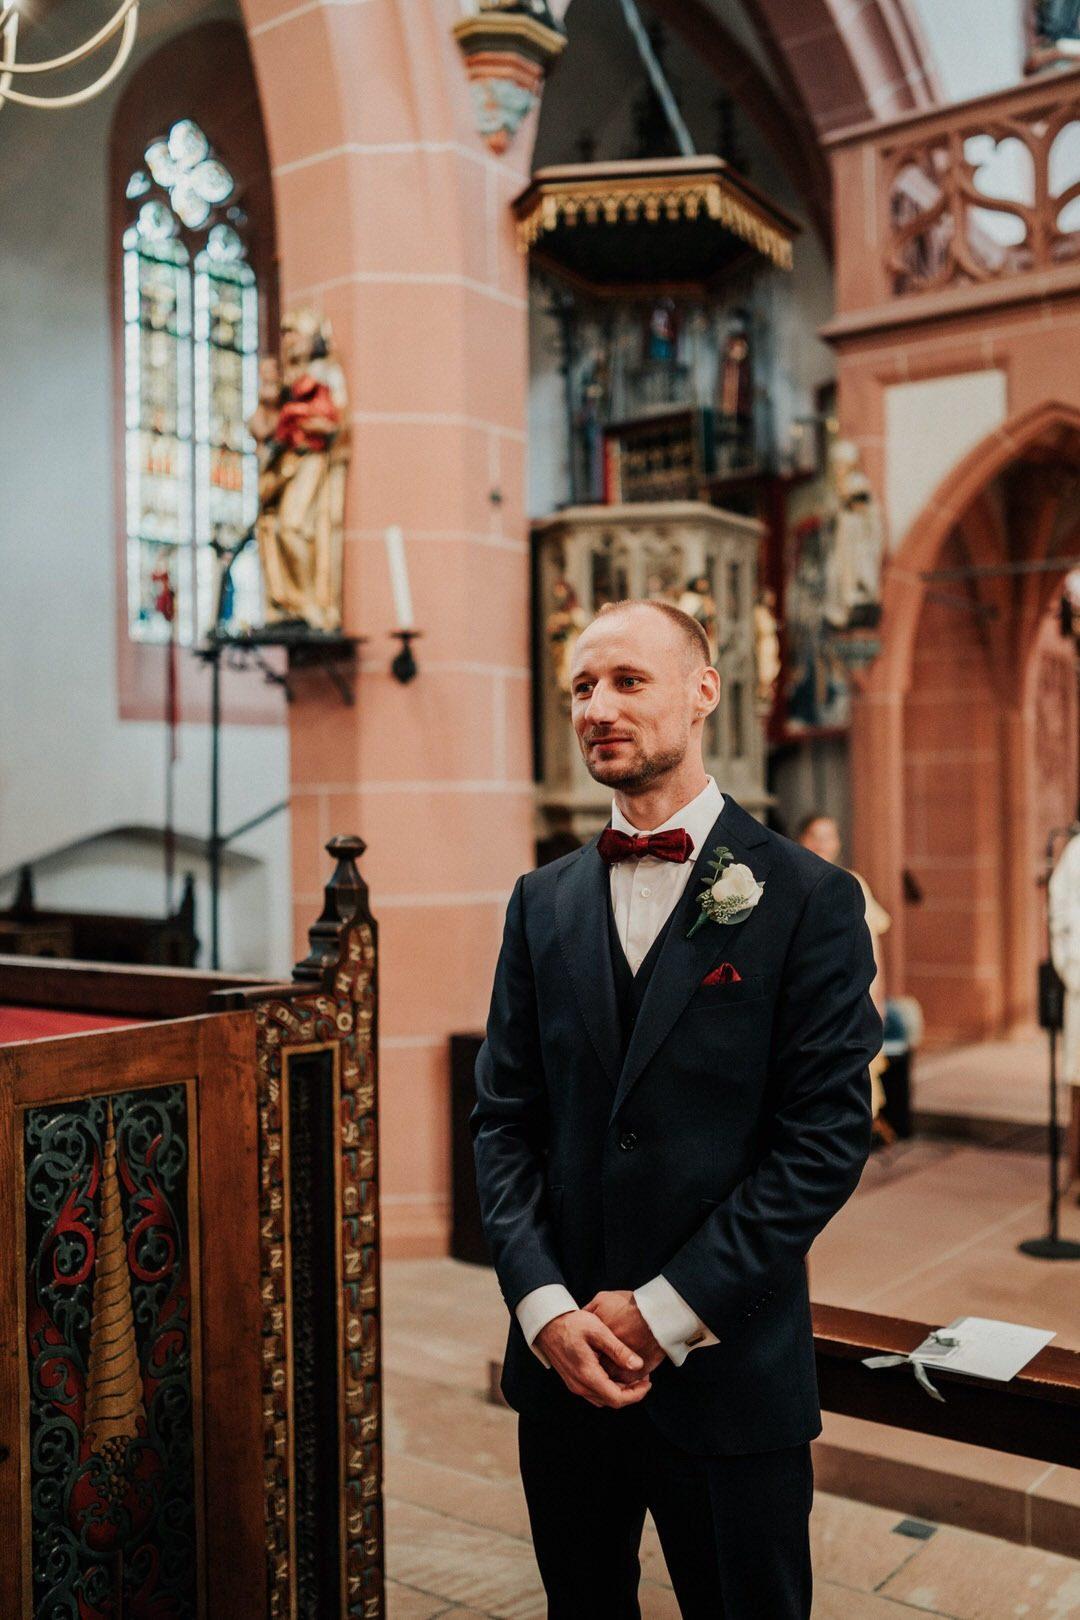 Bräutigam Wartet am Altar auf seine Braut